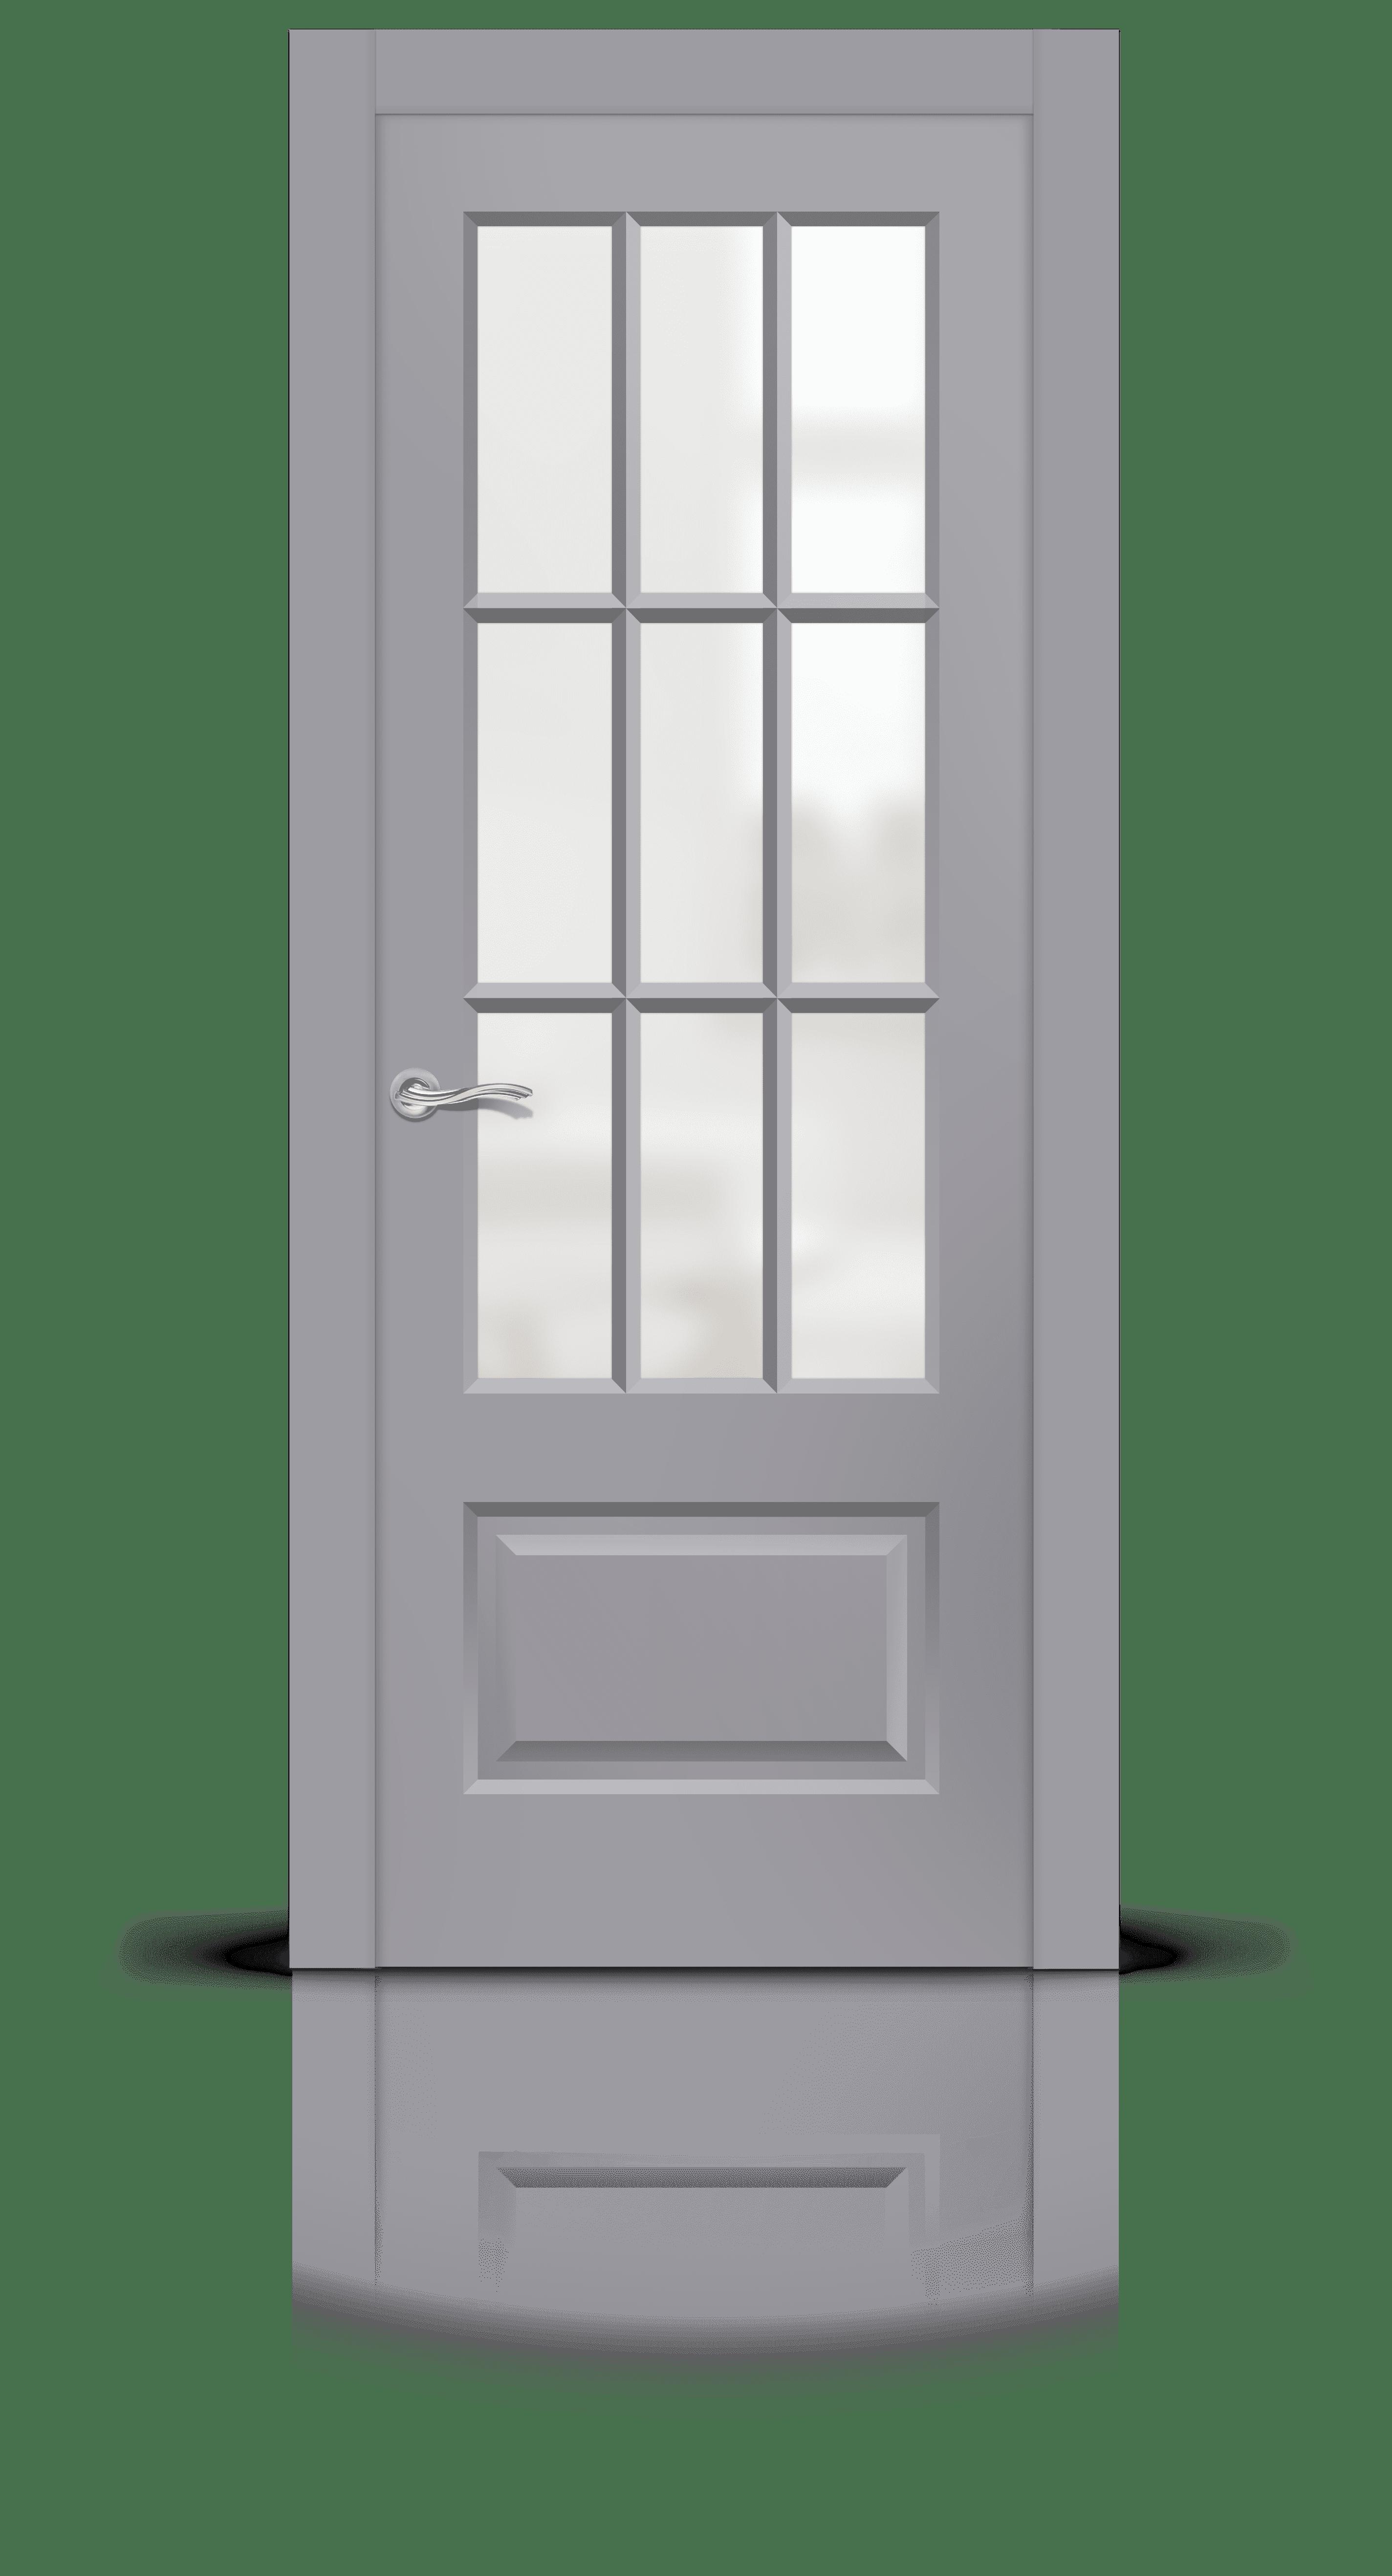 Олимп 2 эмаль RAL 7040 стекло матовое